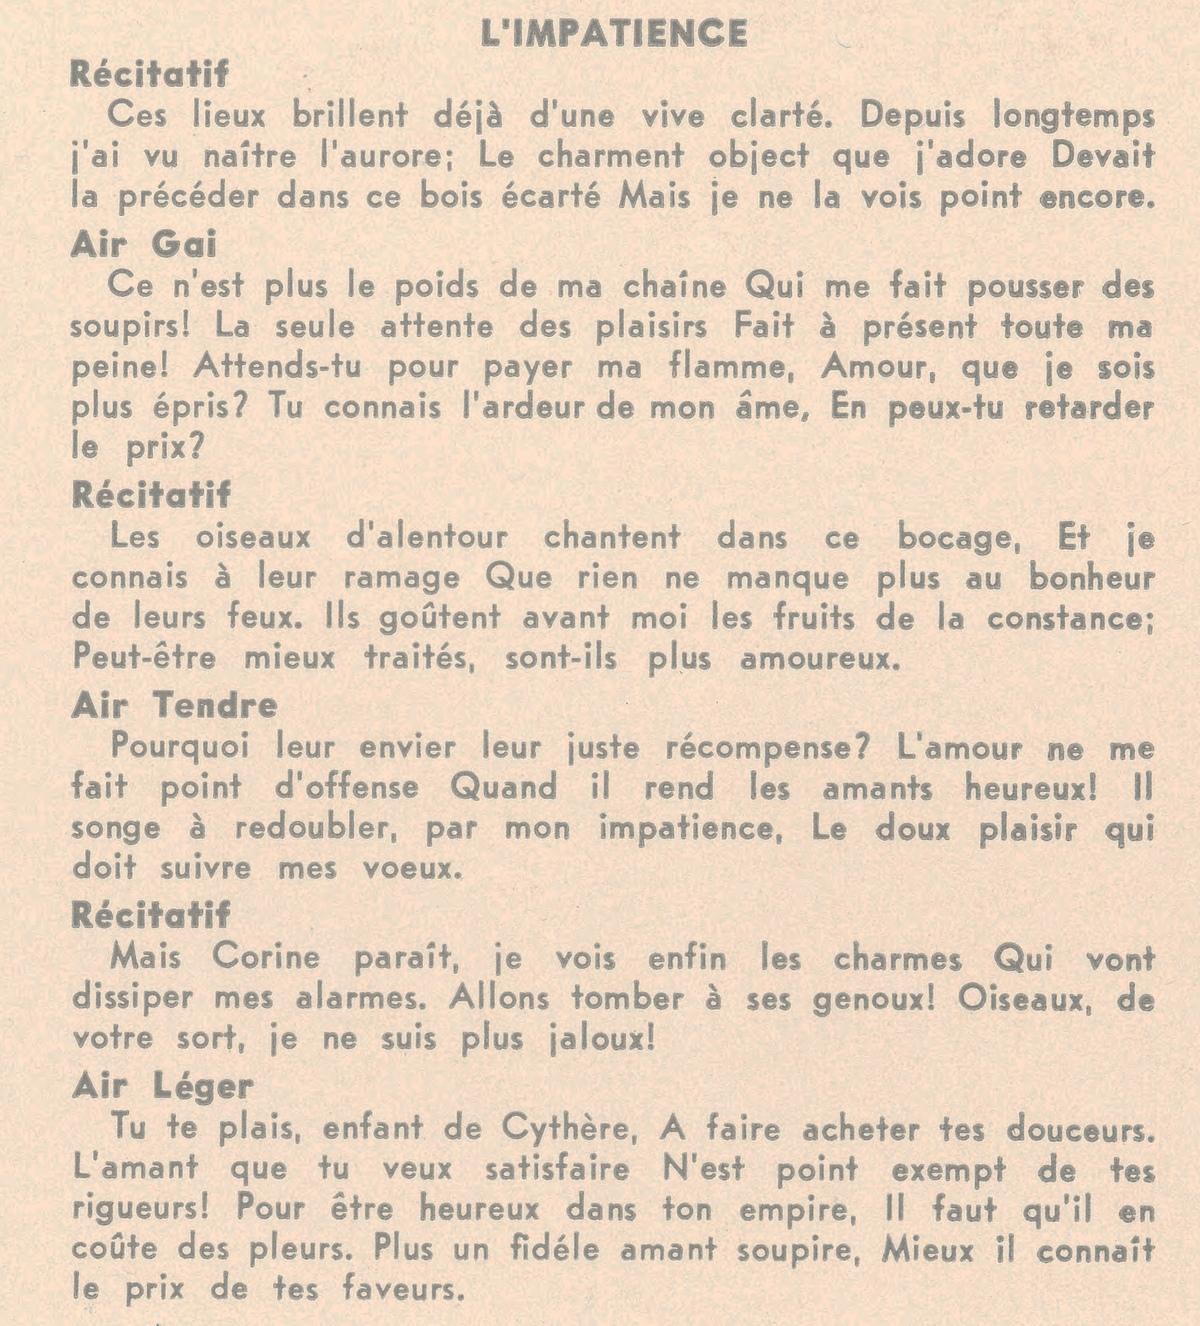 Le texte tel que publié au verso de la pochette du disque Lyrichord LL 44